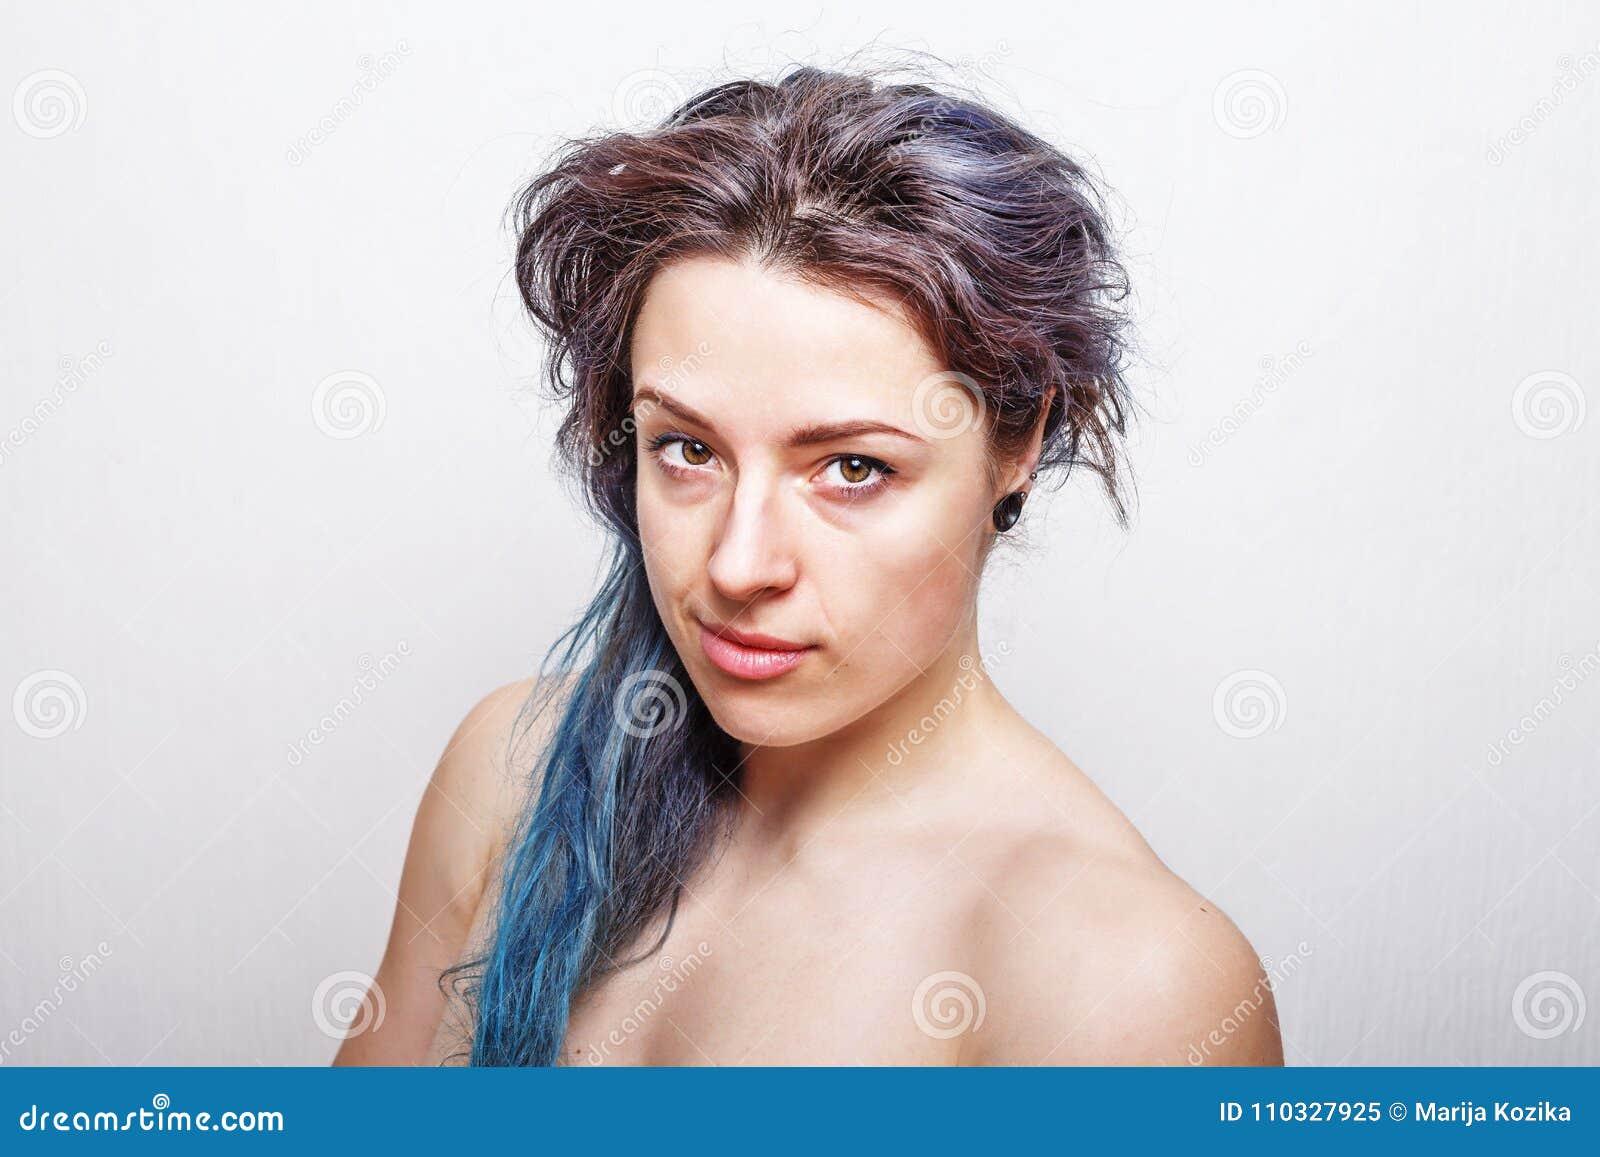 Очистите портрет годовалой женщины 30 с грязными волосами